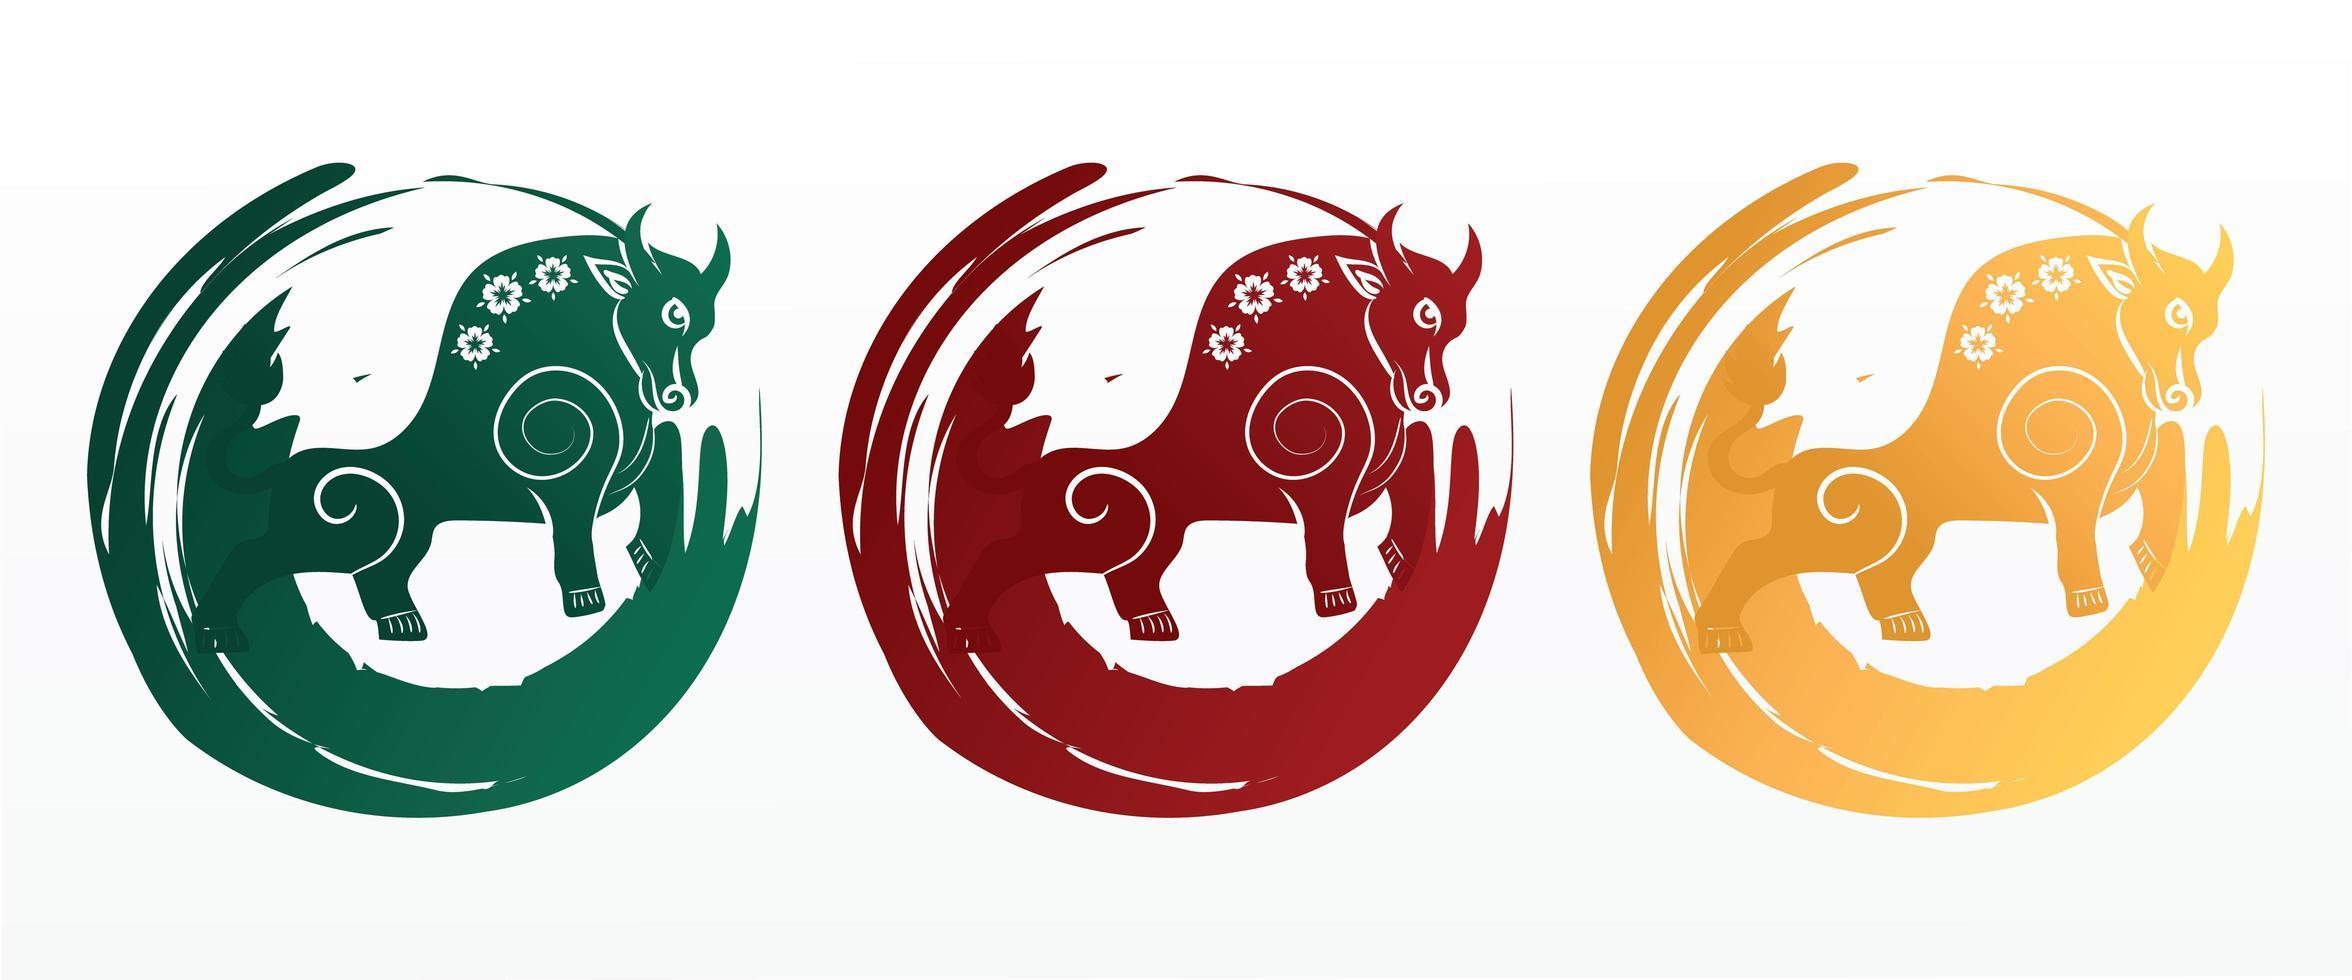 Chinees Nieuwjaar ossymbool. jaar van het os-karakter, bloem en Aziatische elementen met ambachtelijke stijl vector